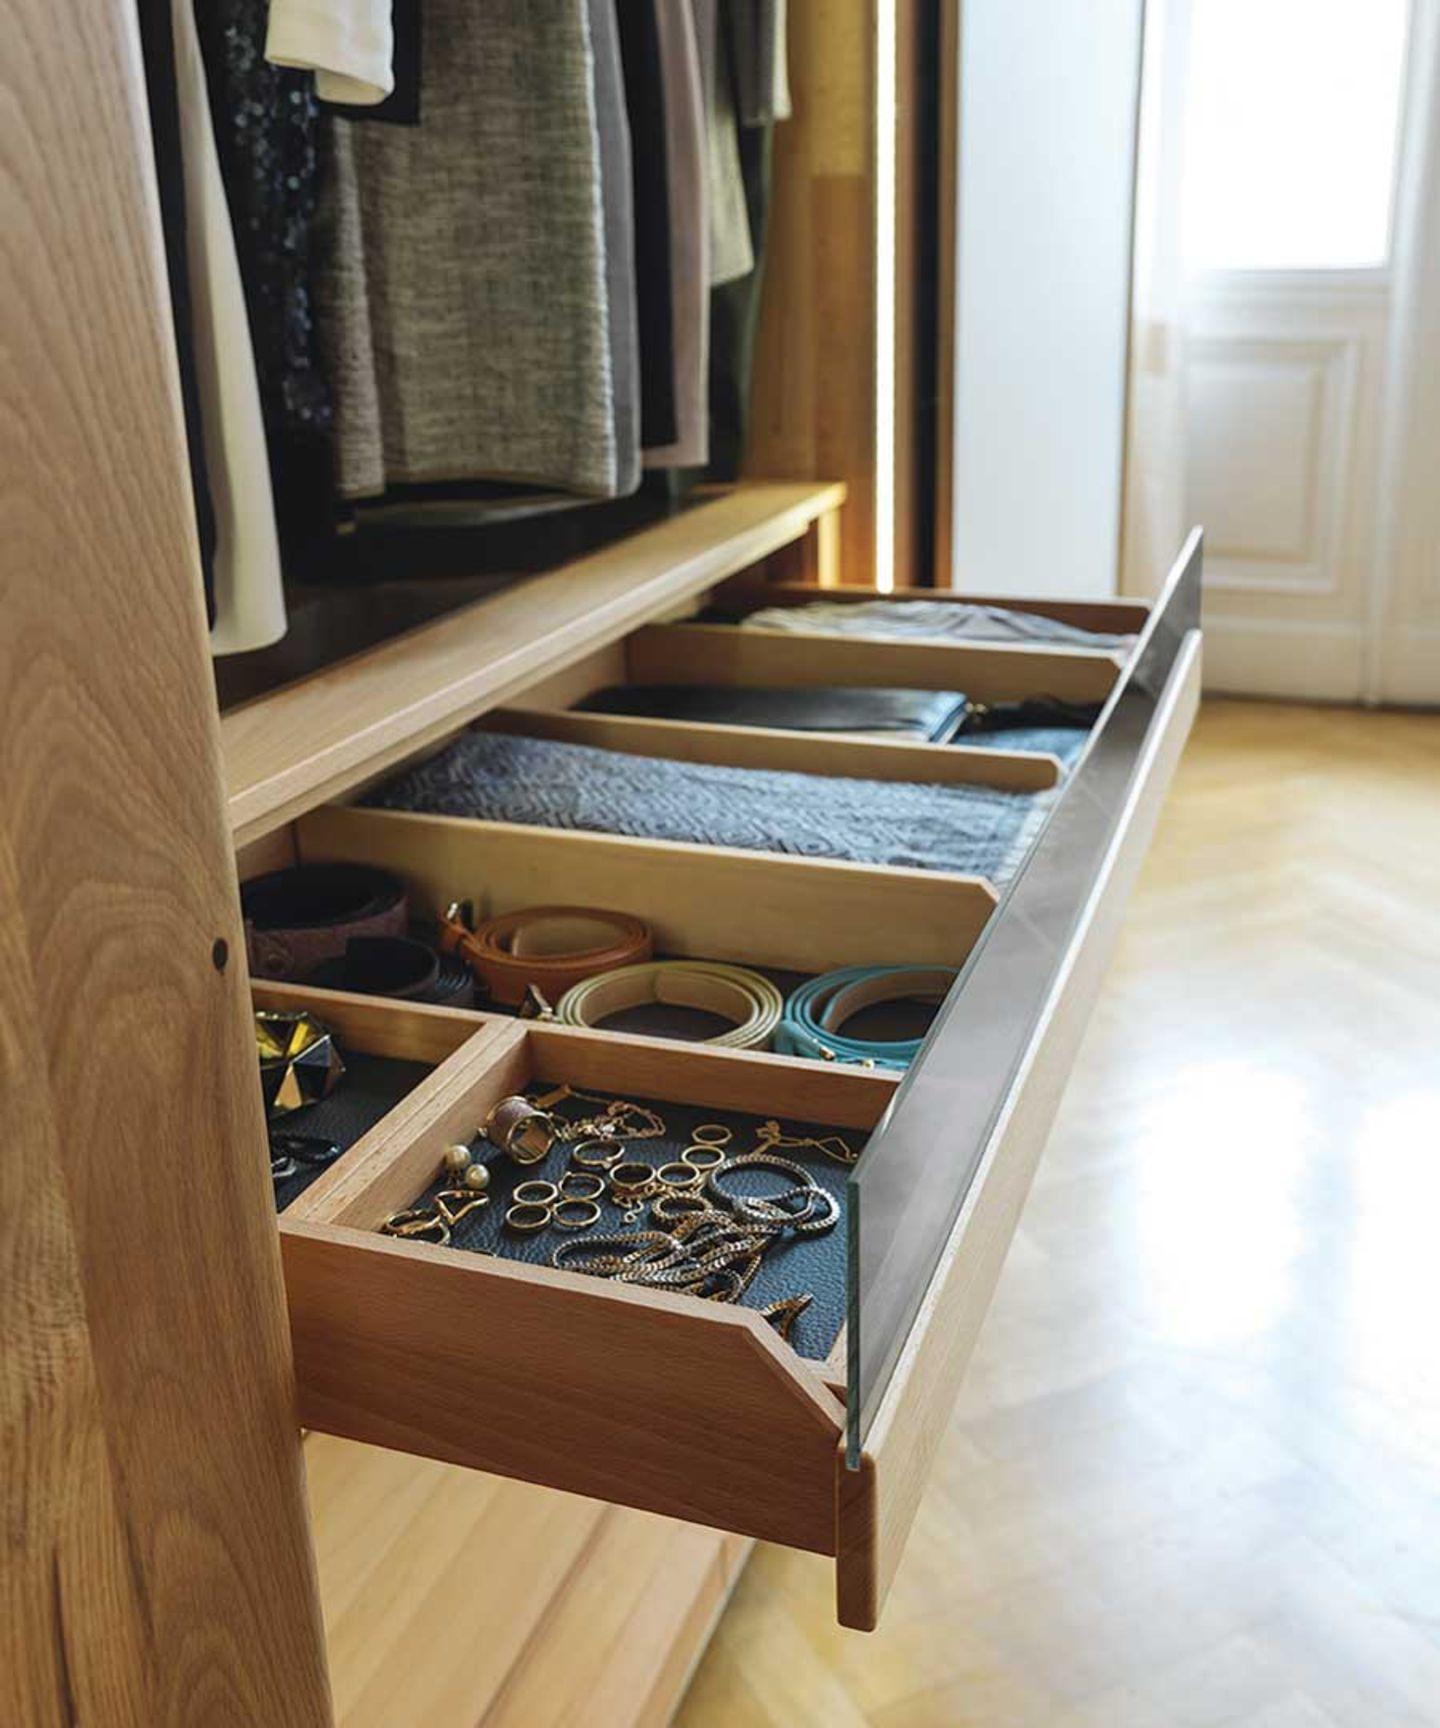 Garde-robe avec tiroirs intérieurs pratiques